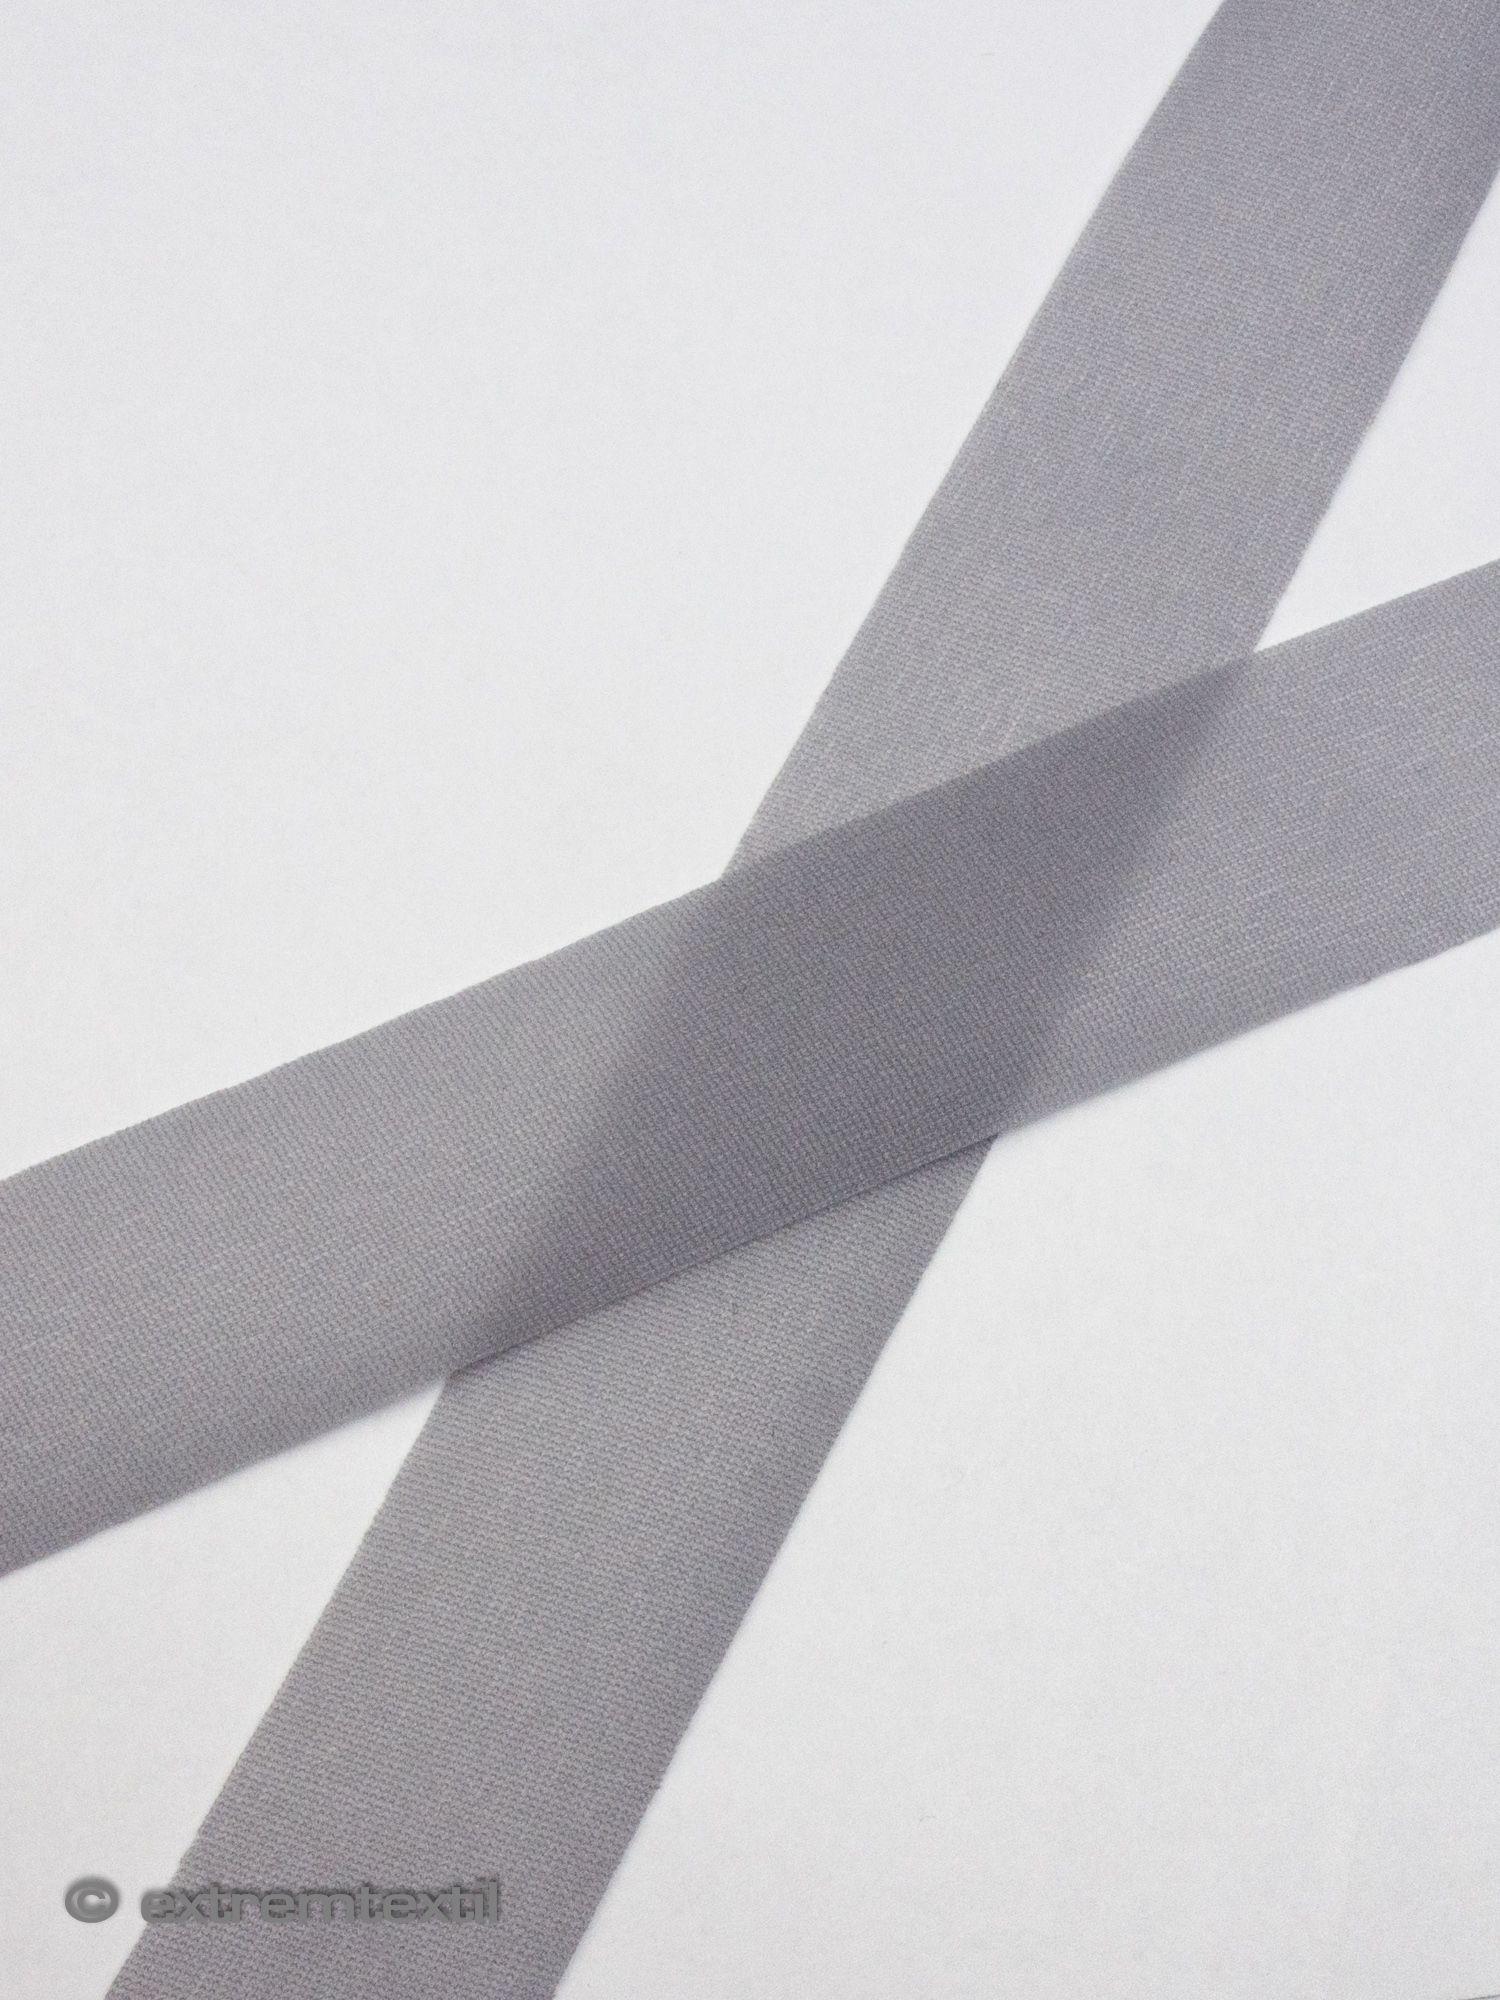 Extremtextil, abdichten von Nähten für Regen/Outdoorkleidung, Seamtape f. 3-lagige Gewebe, elastisch, soft, 20mm